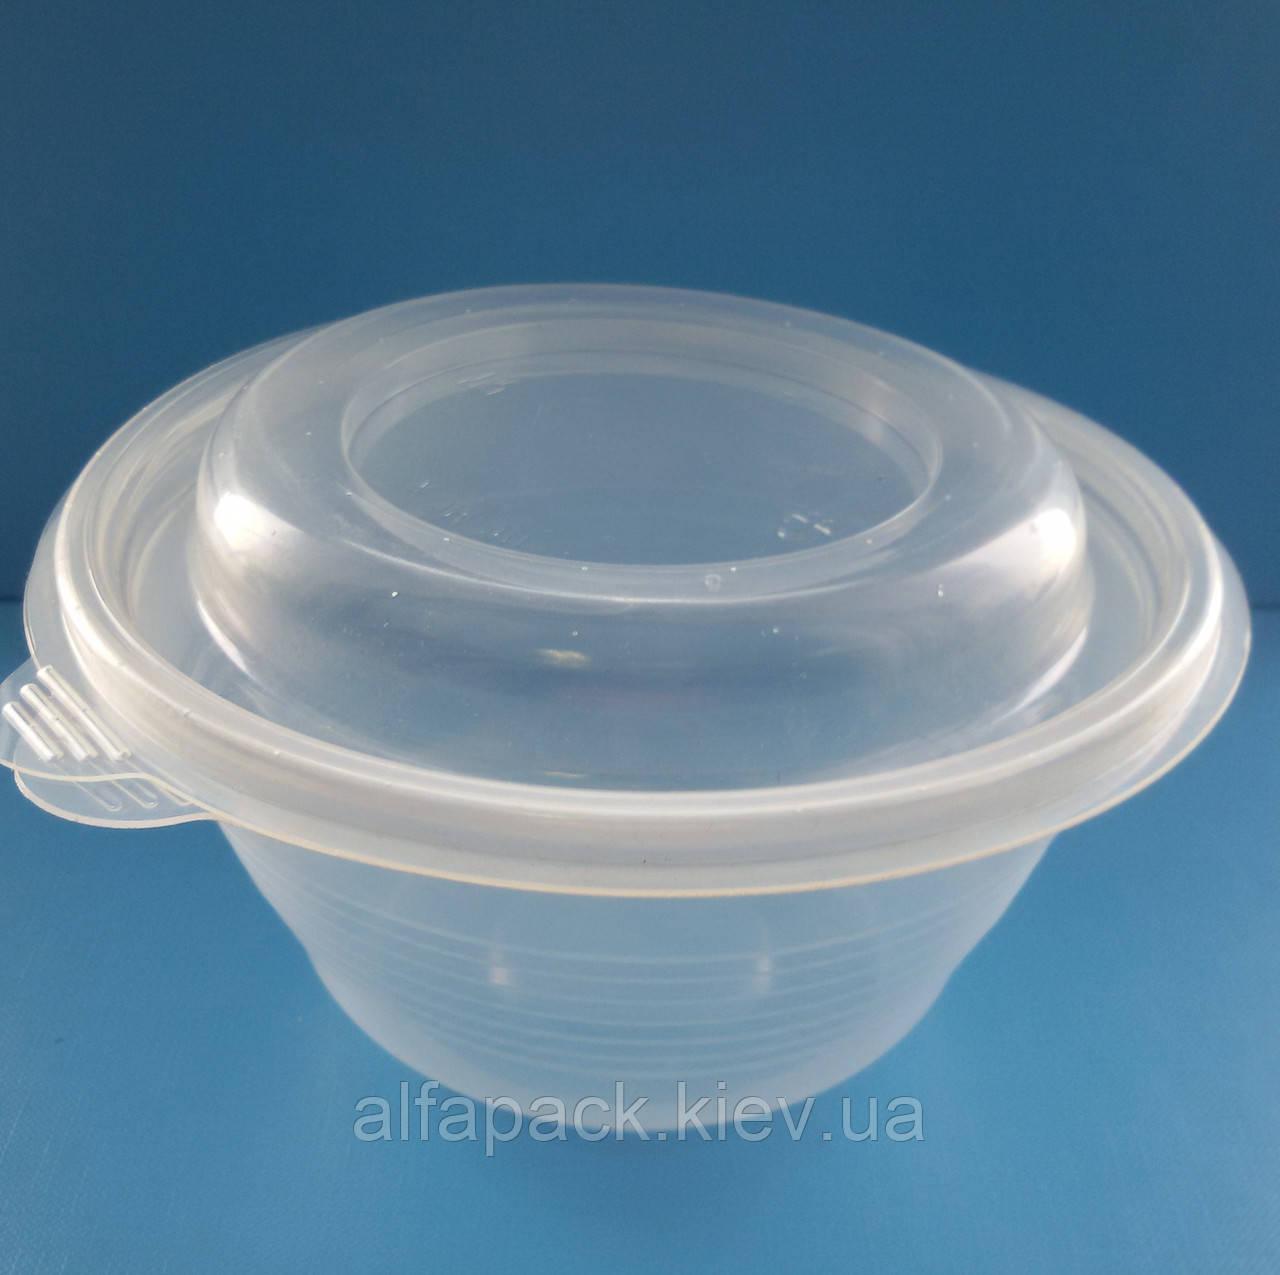 Емкость для супа 350 мл (ПР-МС-350)